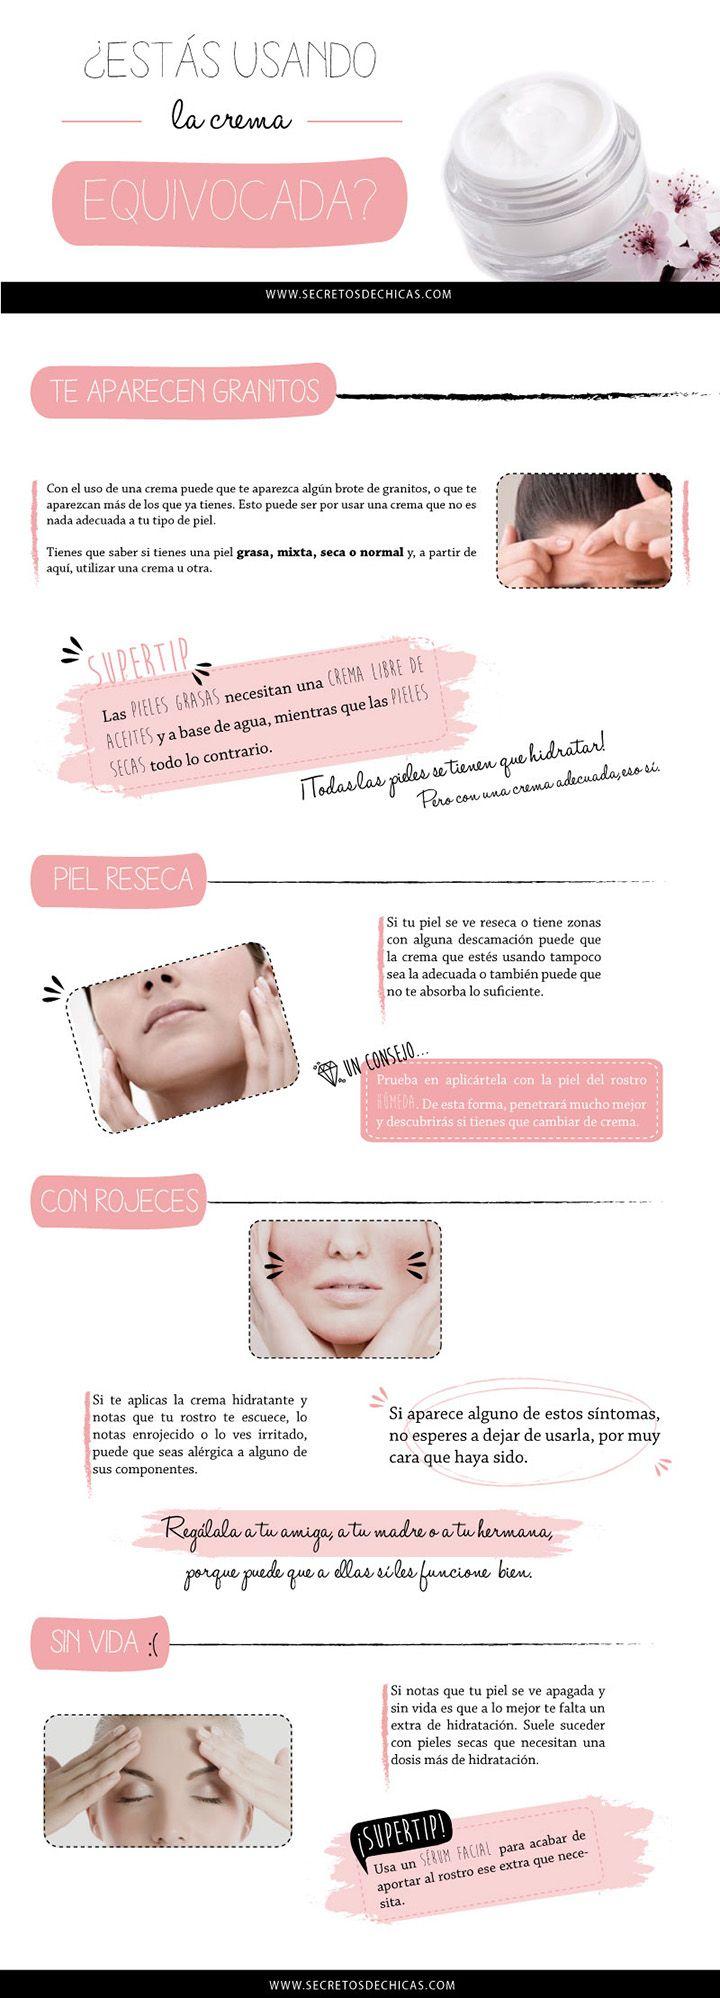 Cómo hidratar tu piel correctamente con cremas para la cara. #infografia #cremas #hidratar